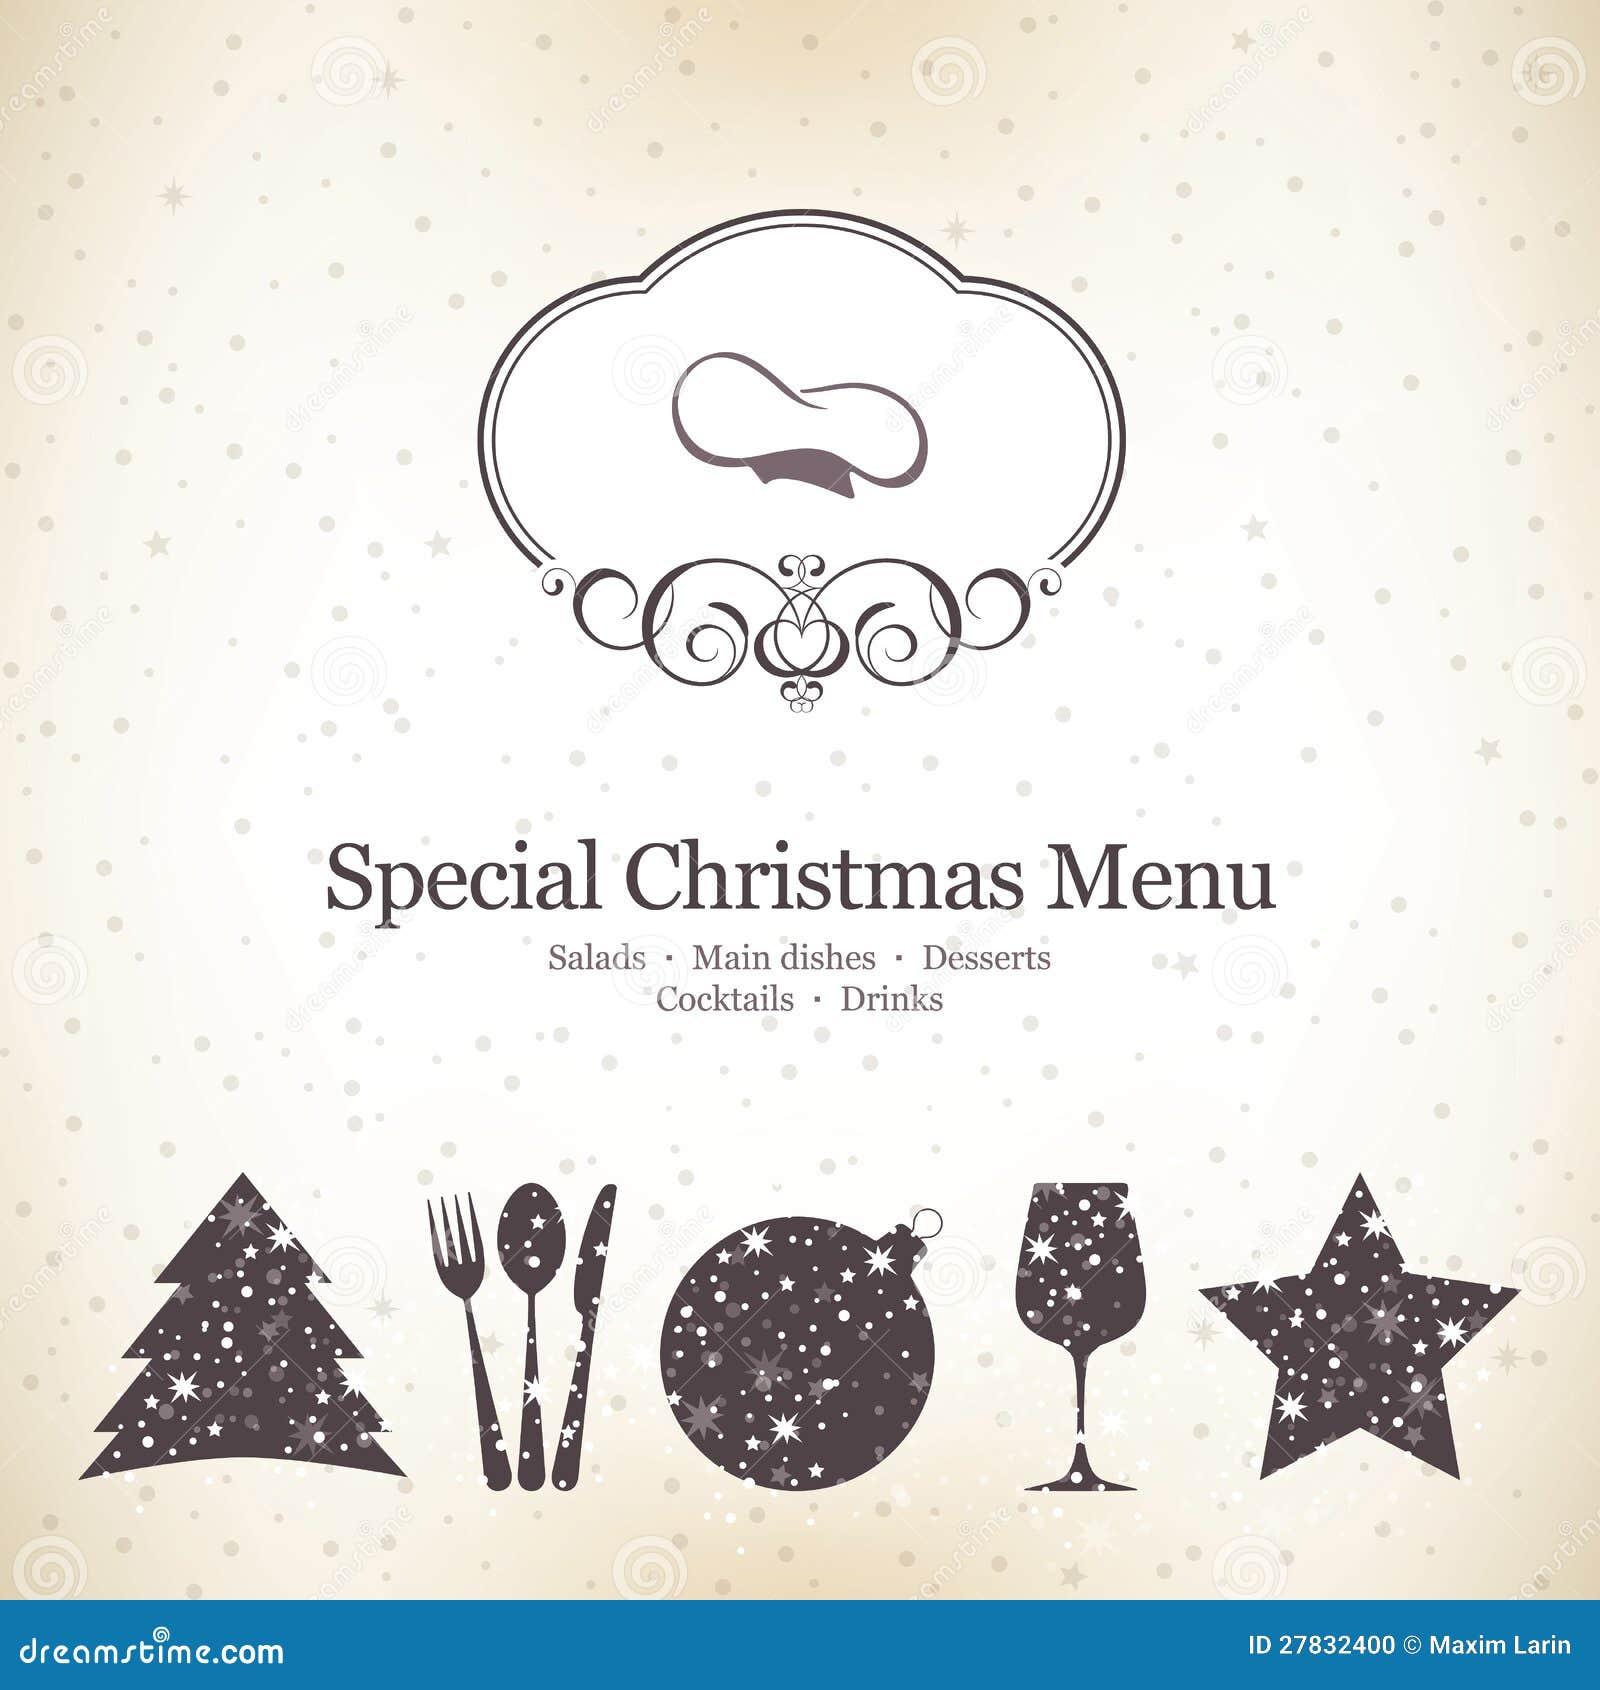 christmas menu template stock photos images pictures 2 286 special christmas menu design stock photo